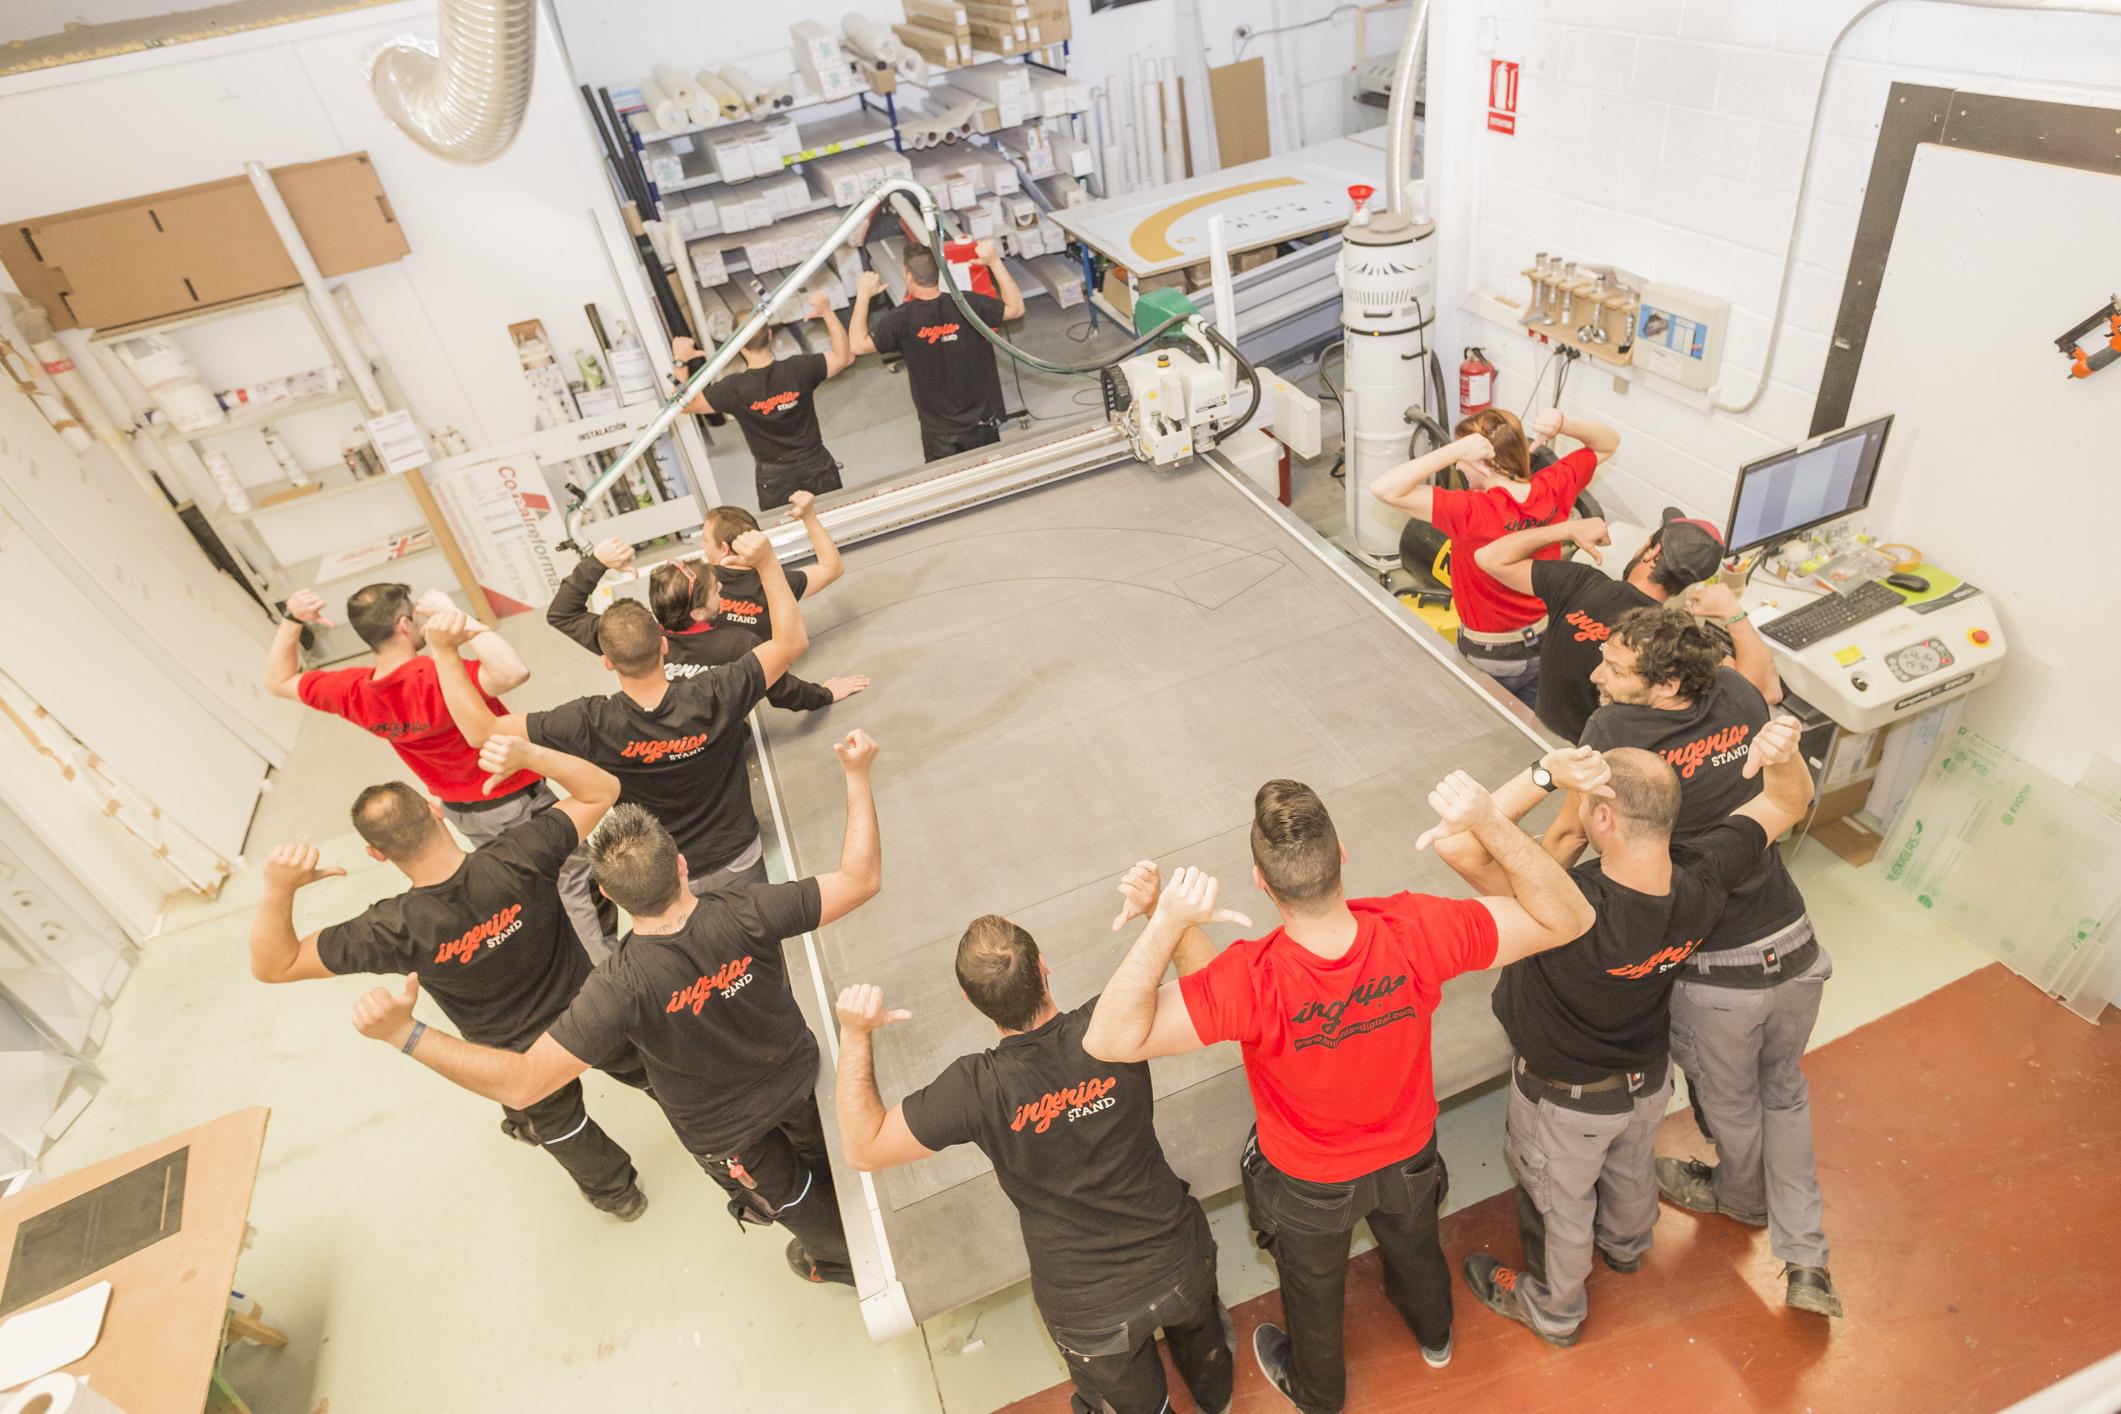 equipo de trabajo de Ingenia Stand en el taller